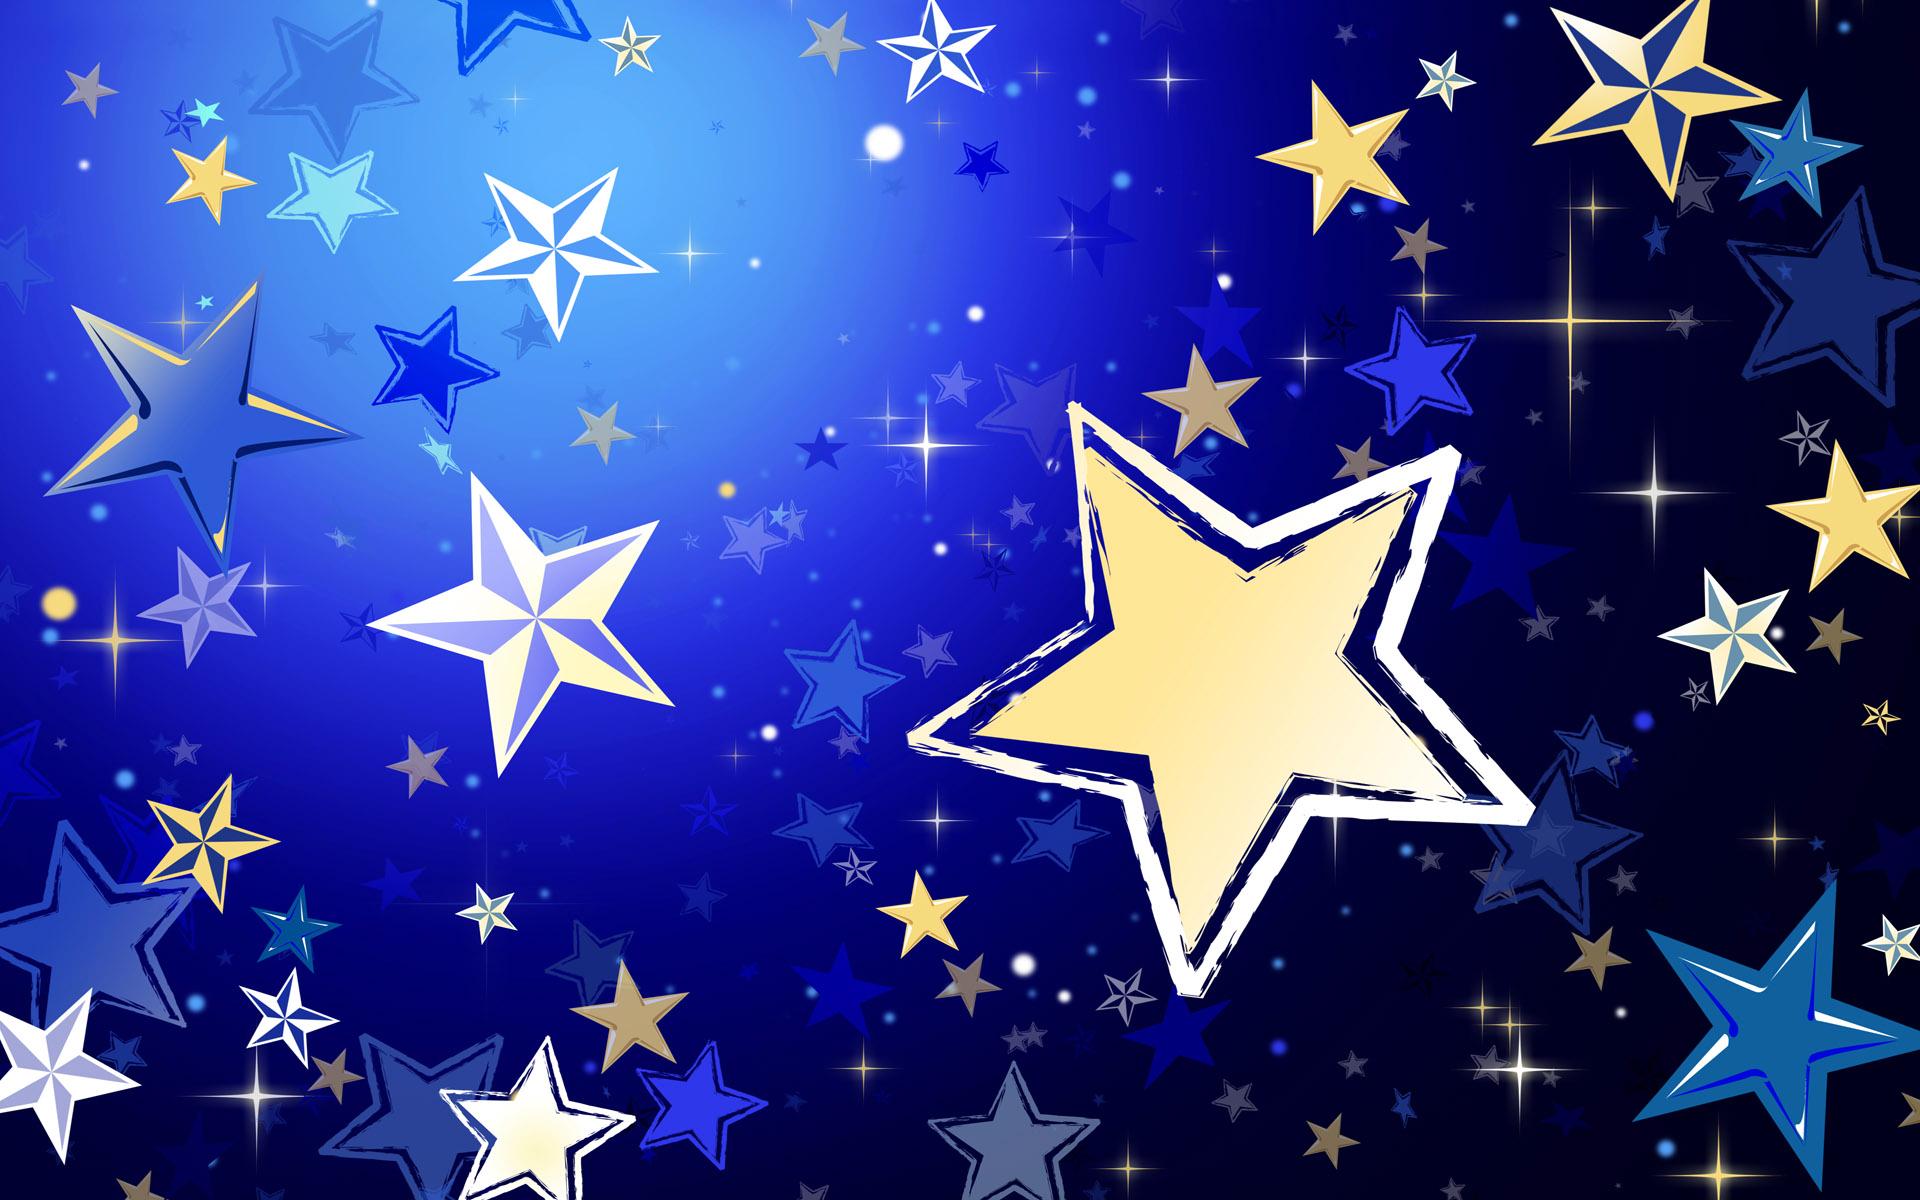 картинка звезда на синем фоне татуогромный